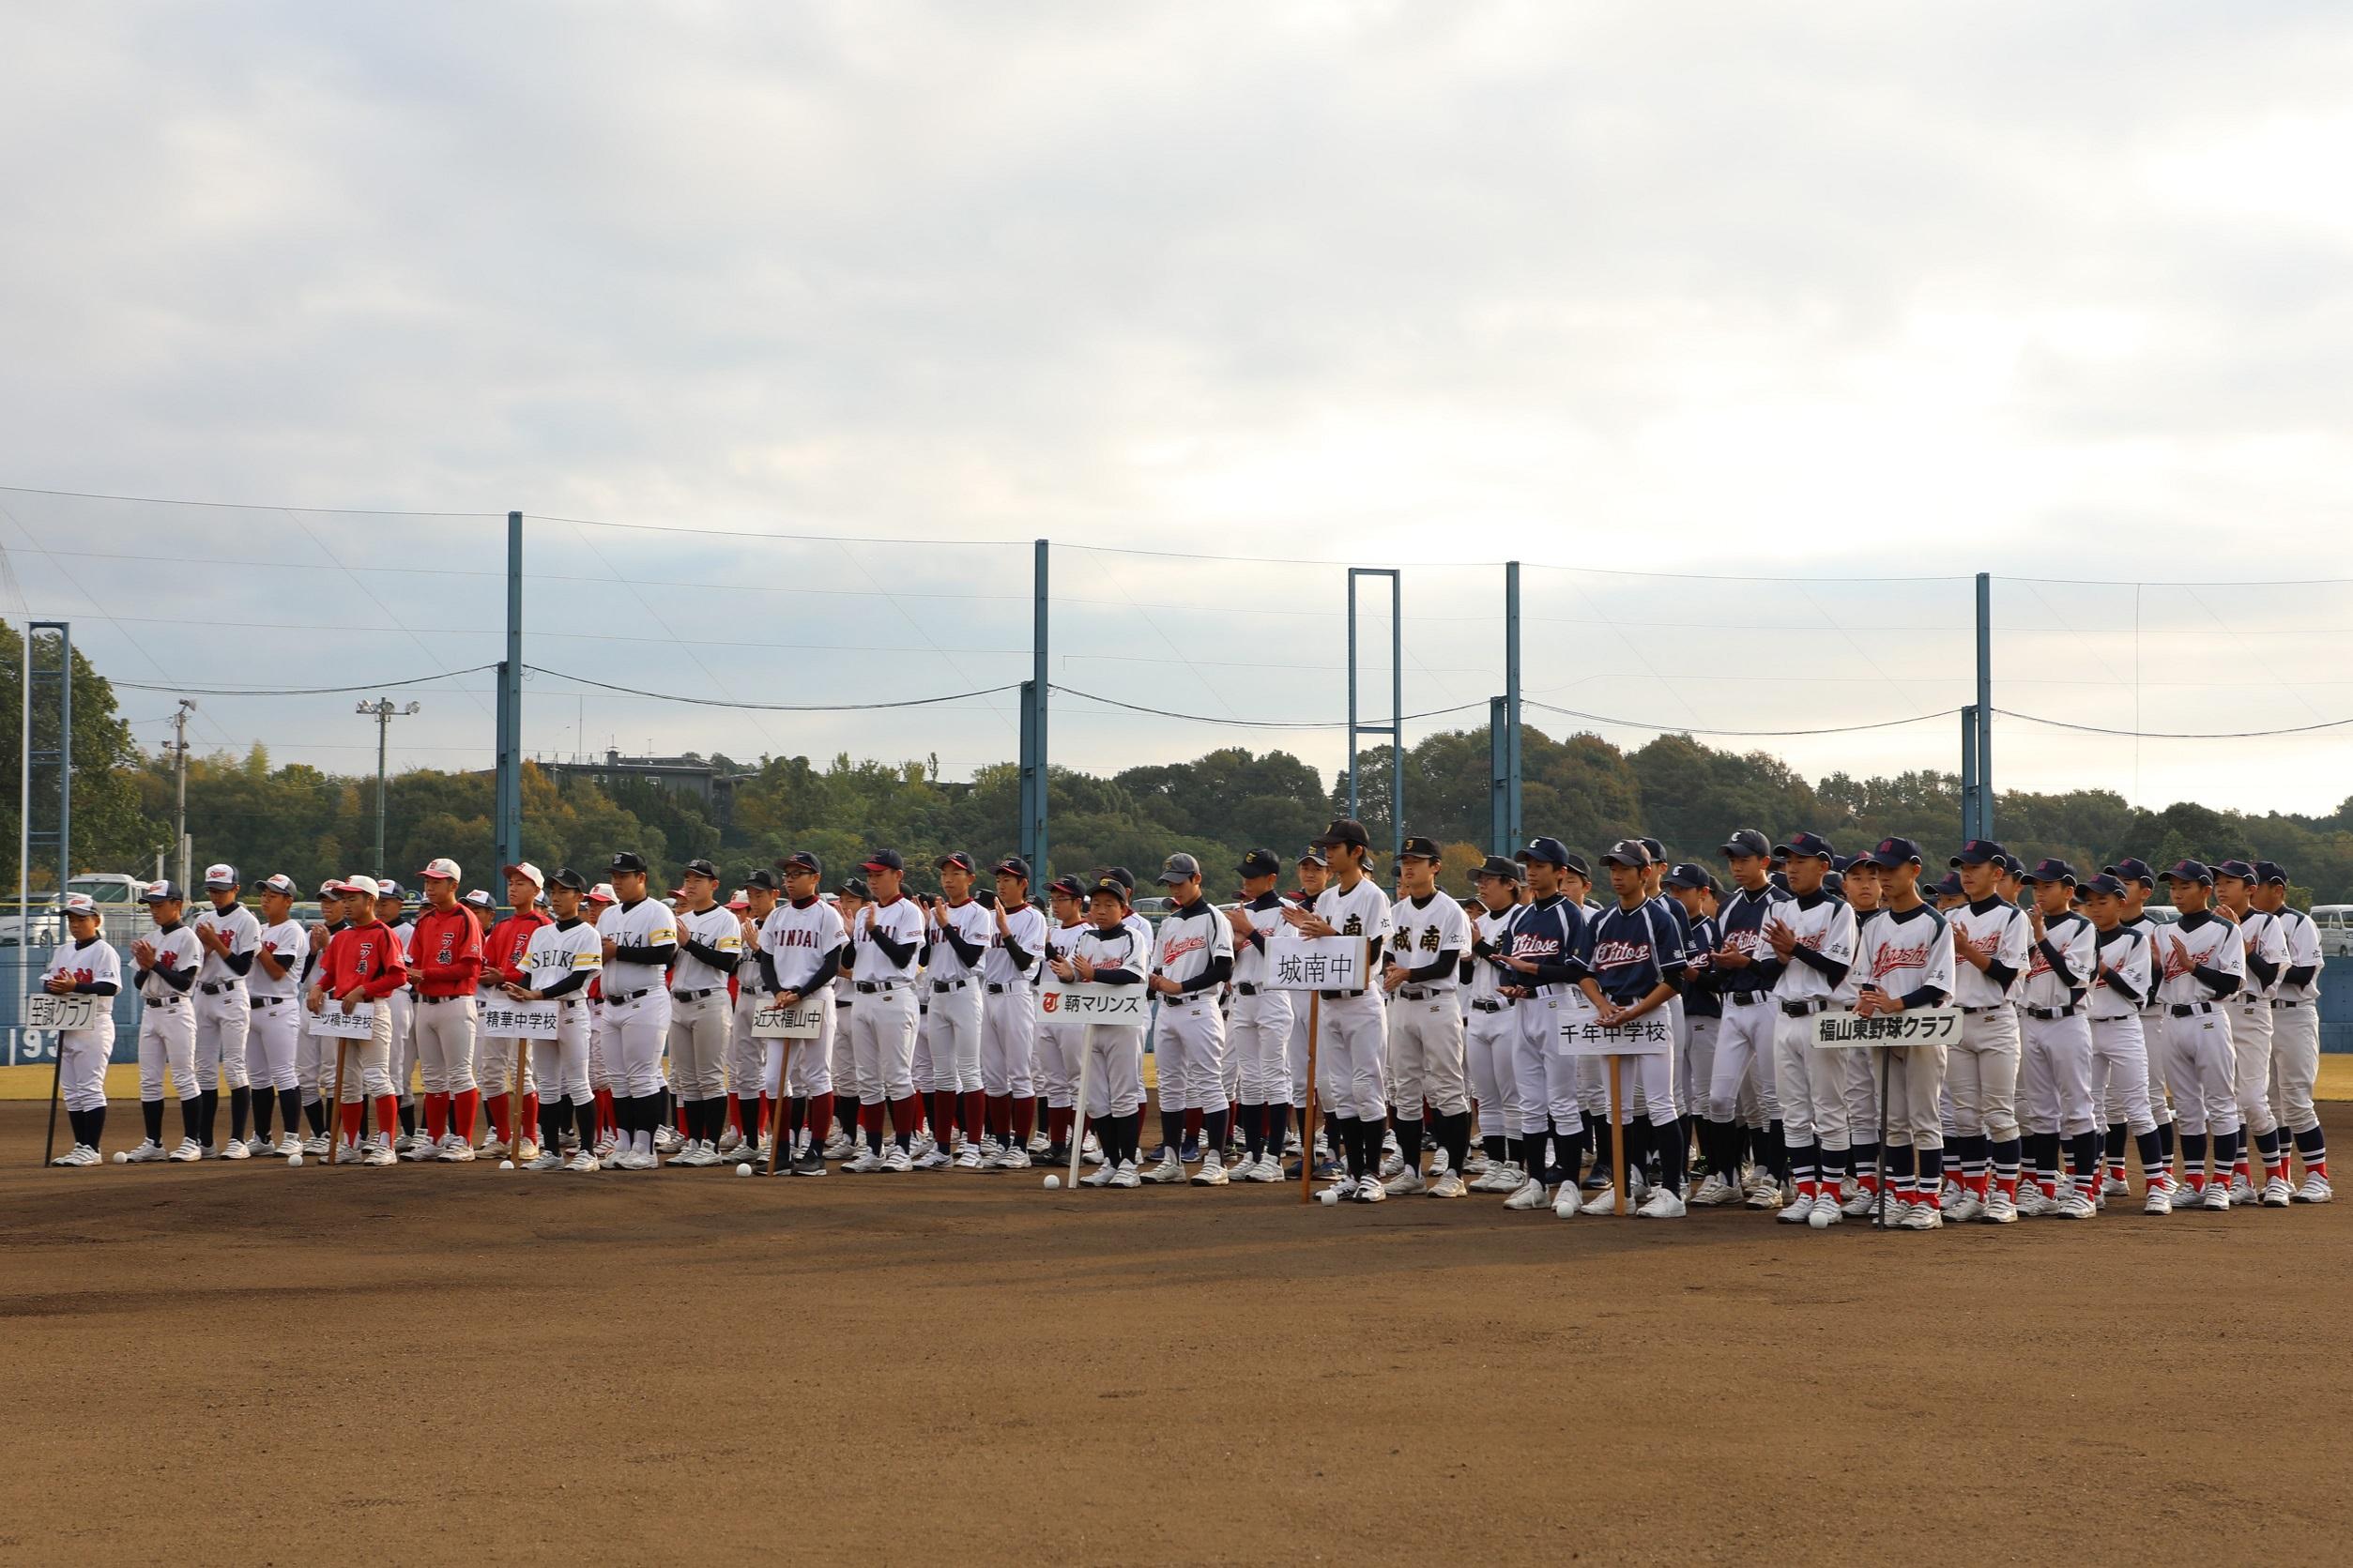 福山市内の中学生野球チーム8チームが出場